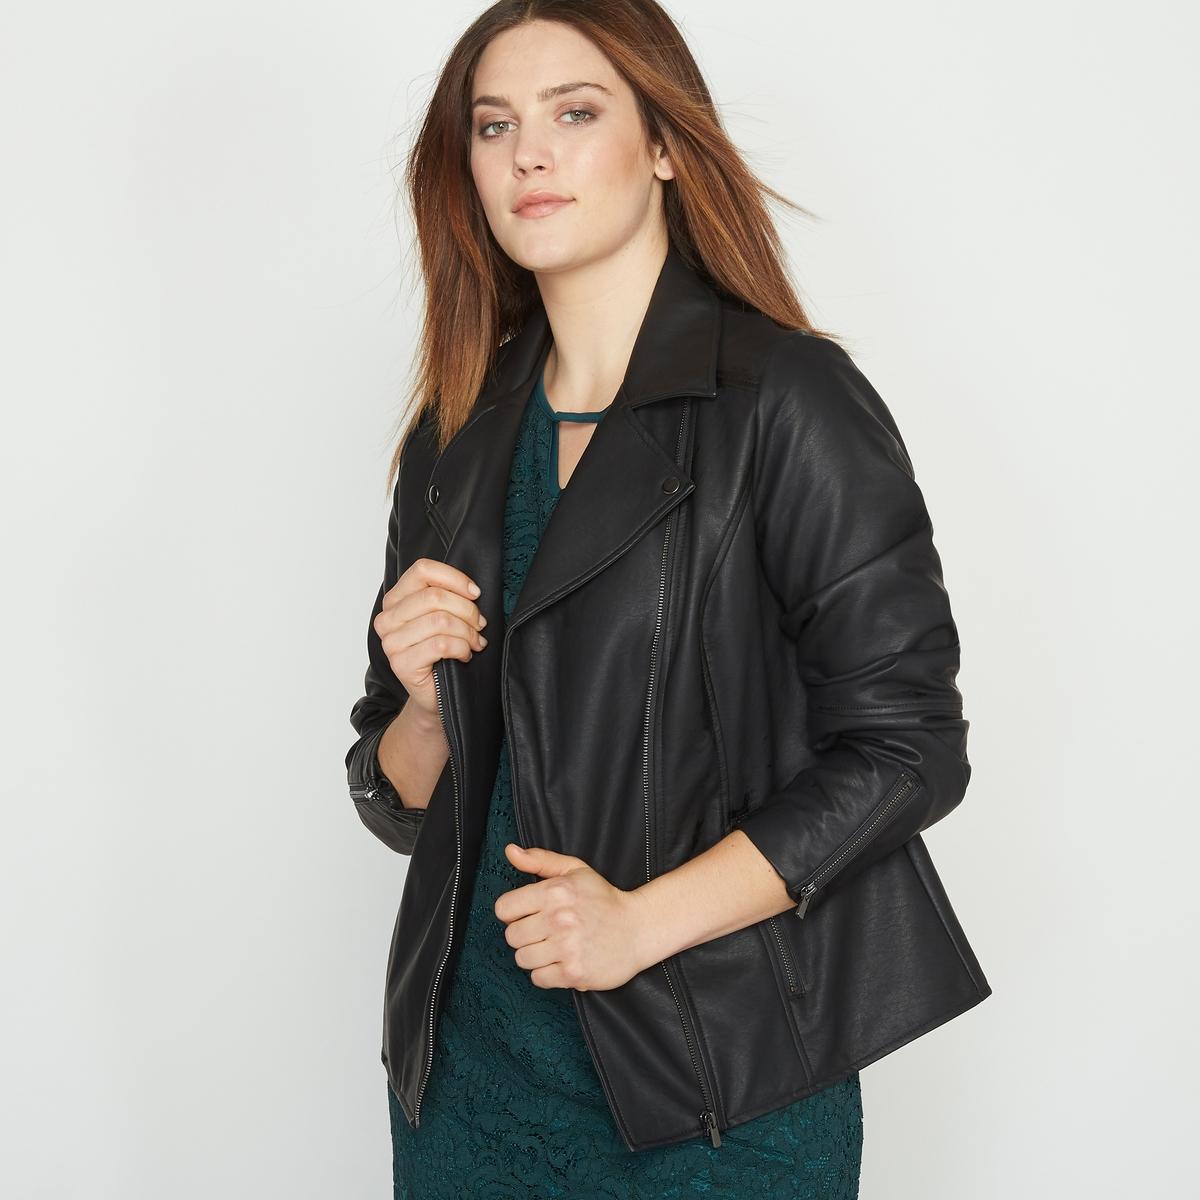 Куртка в стиле мотоциклетной, облегающий покройКуртка. Куртка в стиле мотоциклетной с разрезами, на молнии спереди. 2 кармана с застежкой на молнию. Низ рукавов с молниями. Имитация кожи из 100% вискозы, подкладка из 100% полиэстера. Длина 58 см.<br><br>Цвет: сливовый,черный